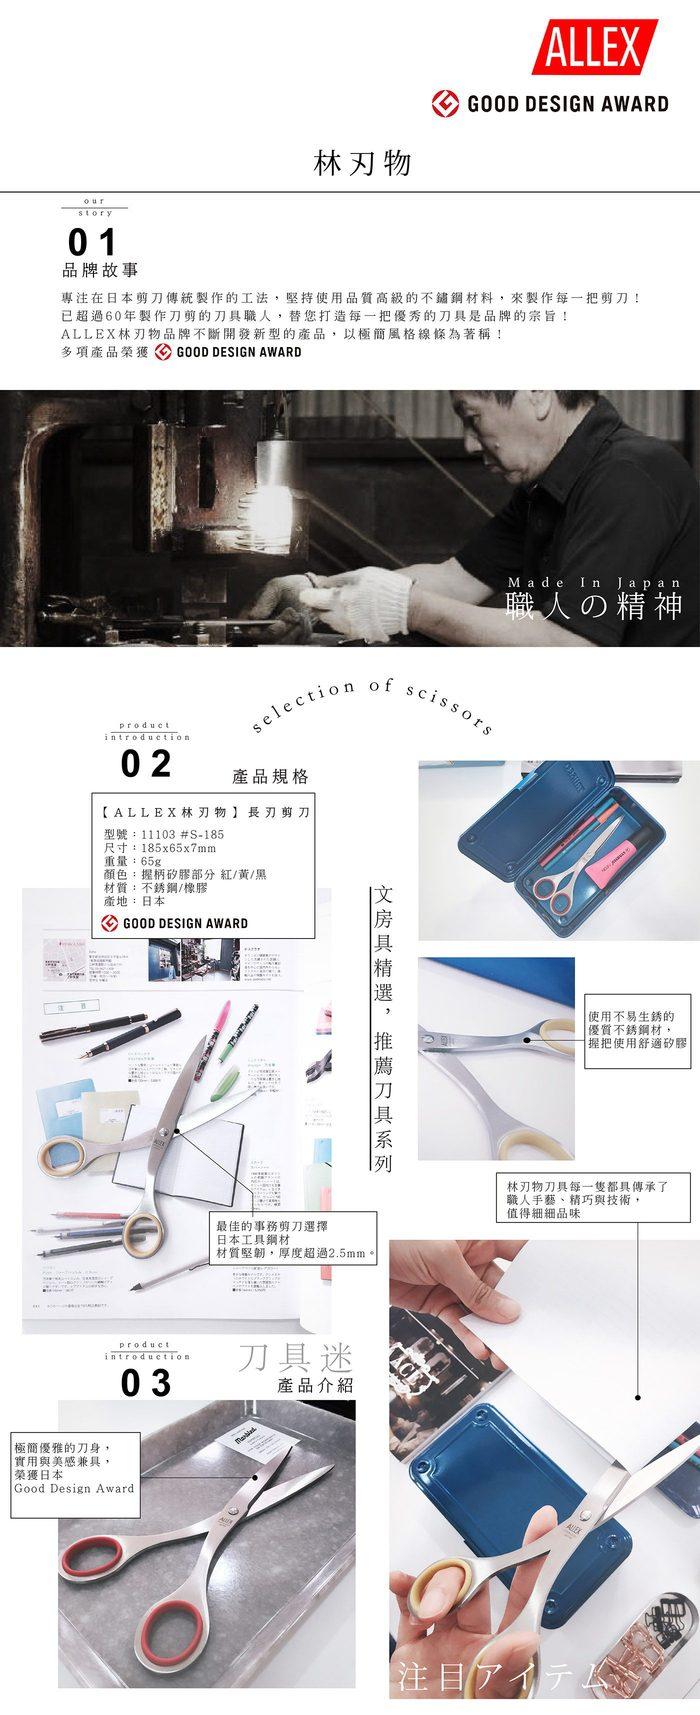 (複製)ALLEX林刃物|短刃剪刀-黃